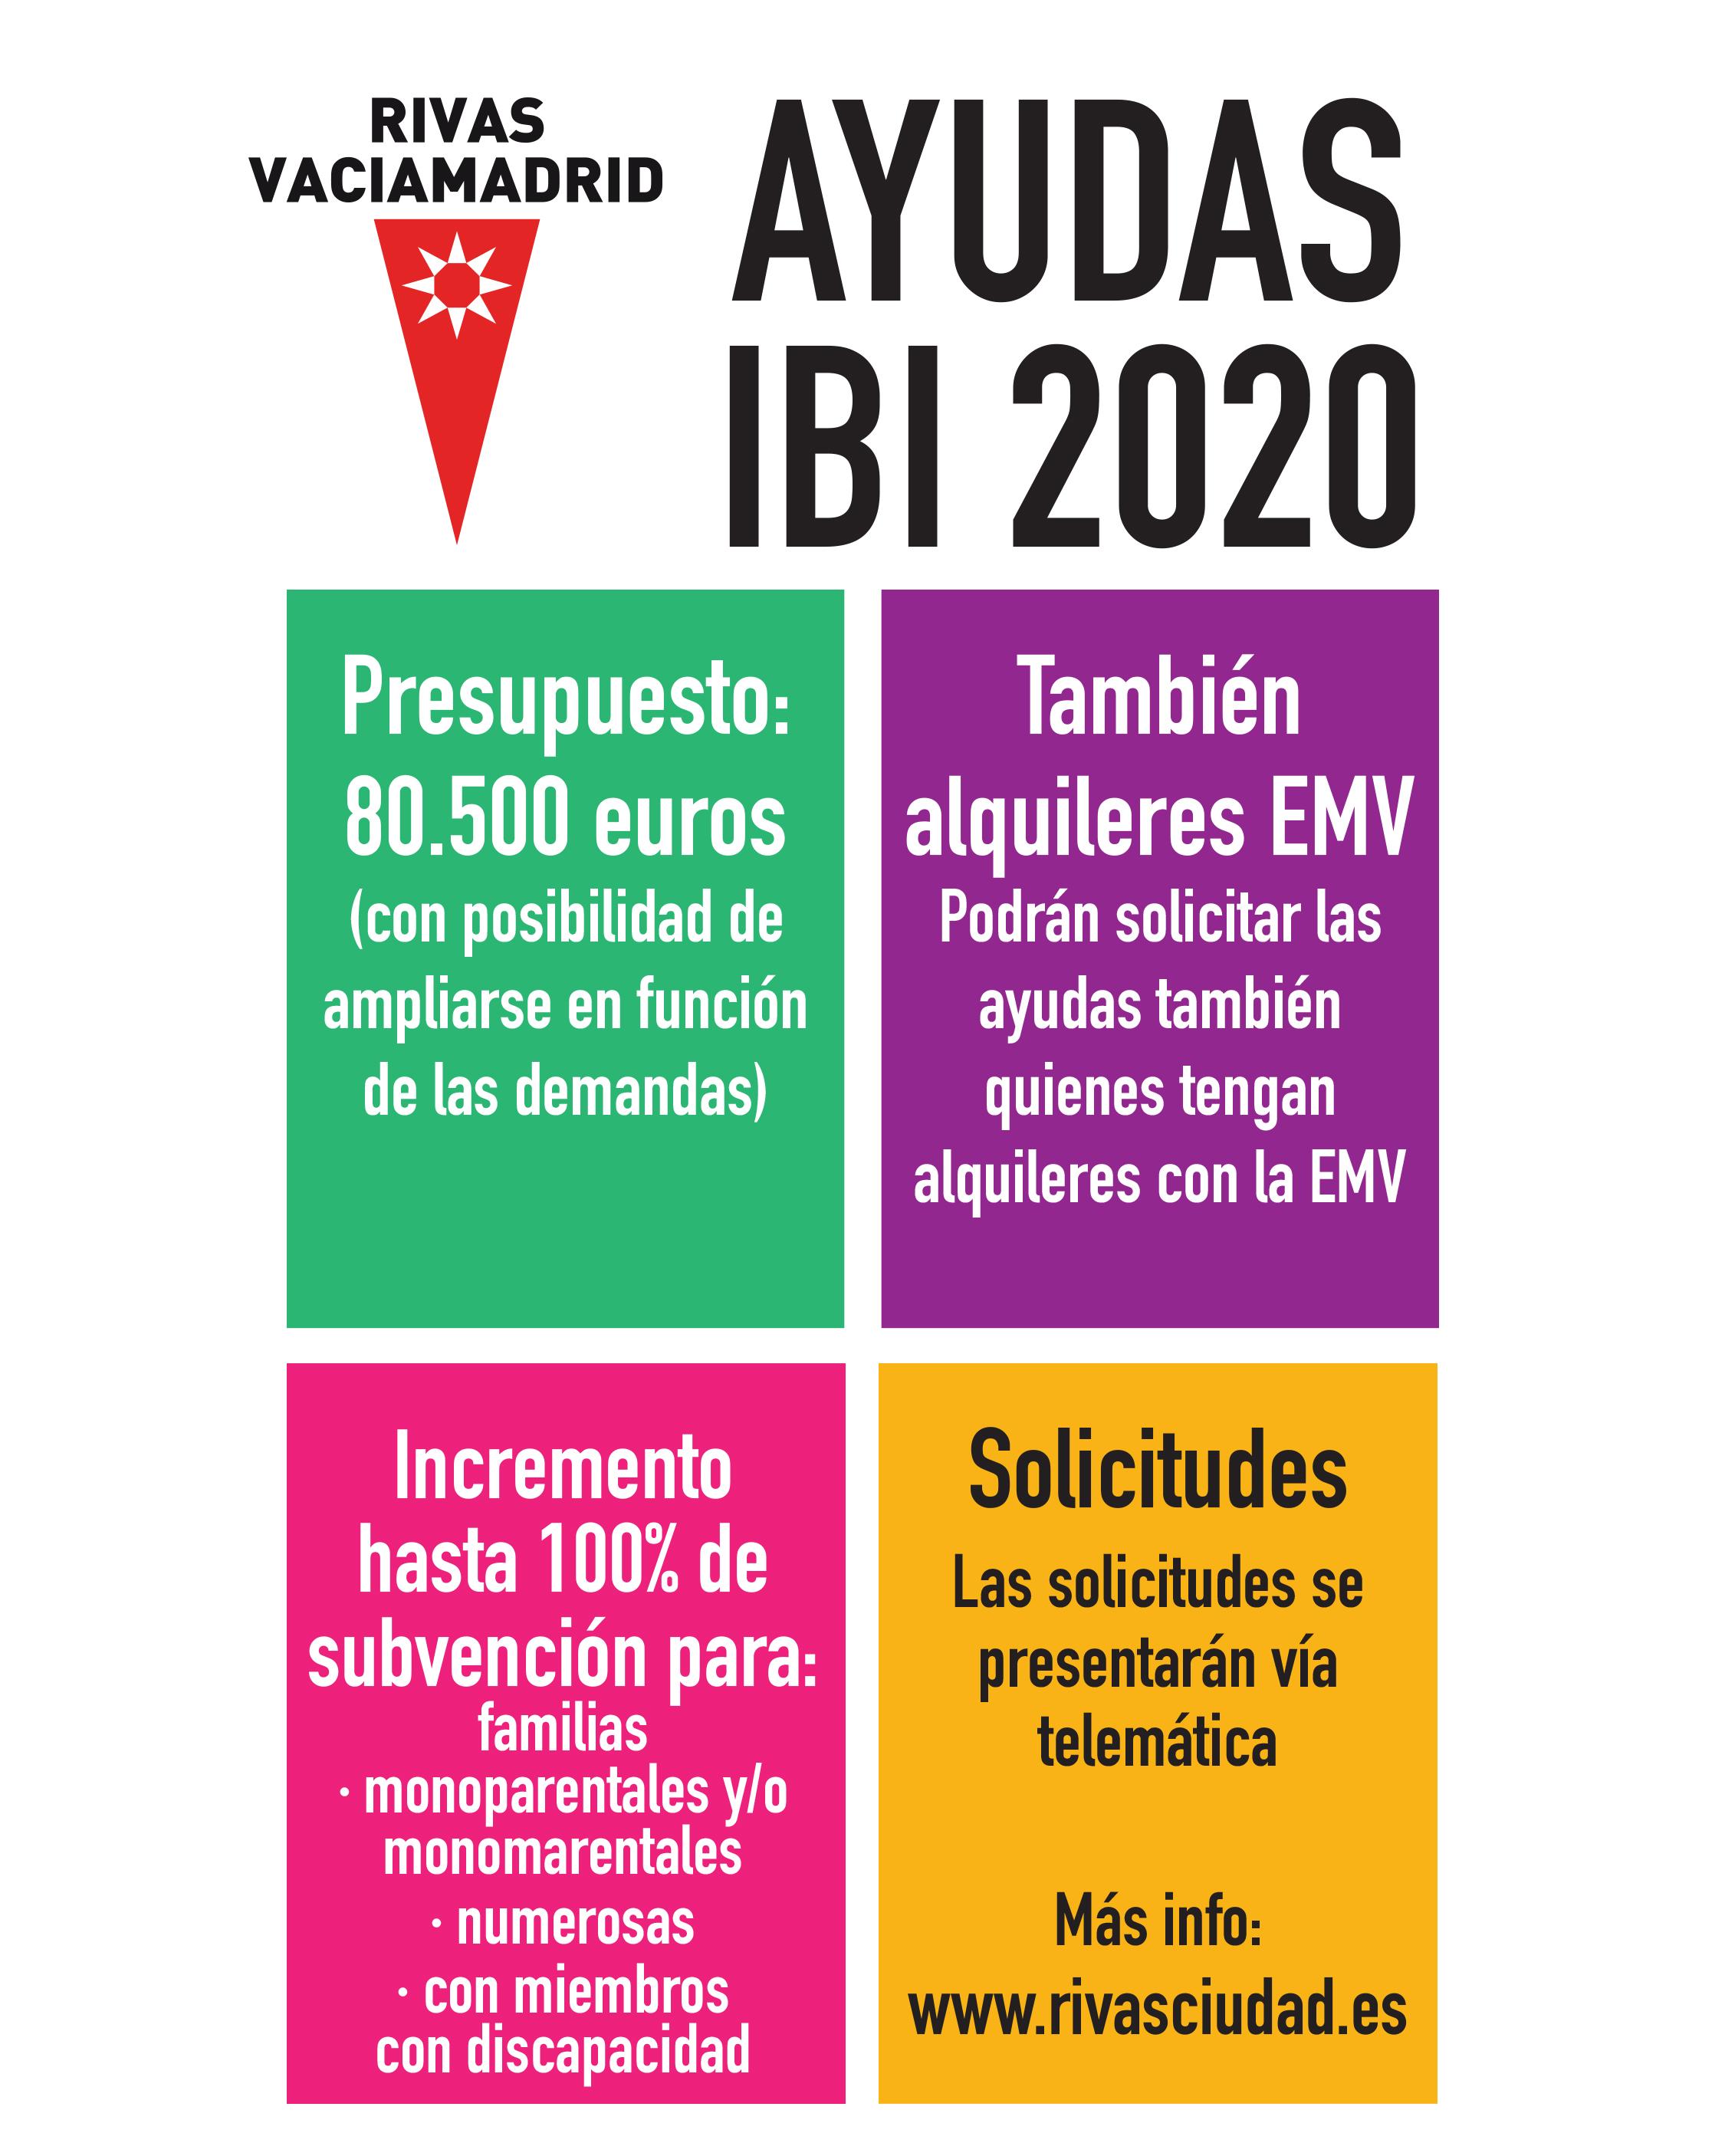 Ayudas municipales al IBI 2020: listado de notificaciones devueltas